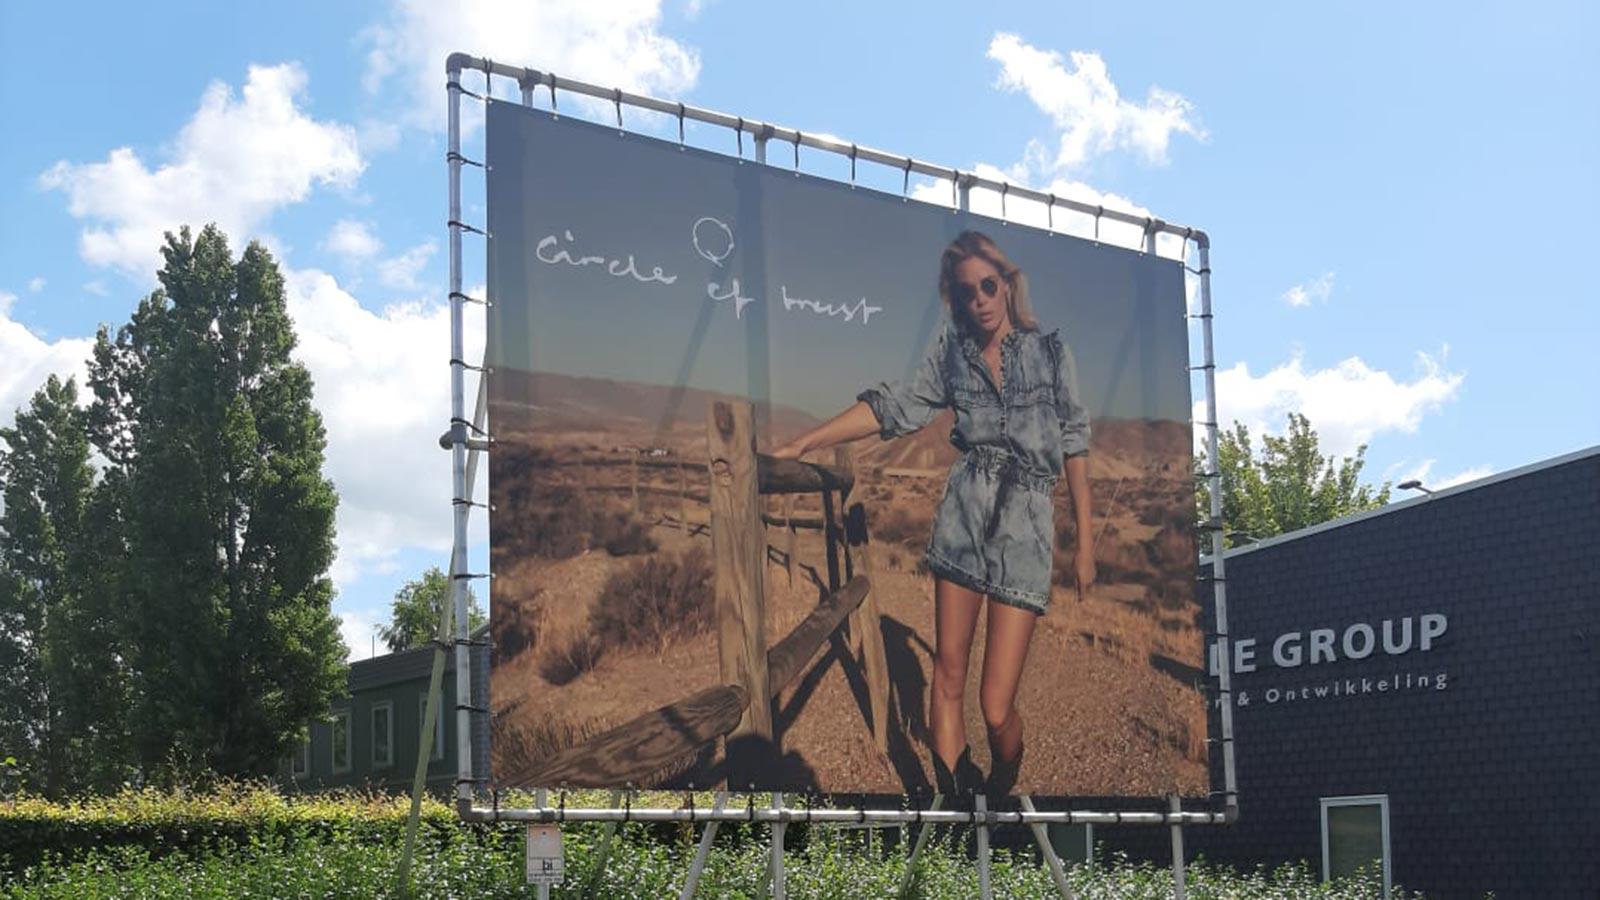 Van Riemsdijk Reklame - Spandoeken - Circle of trust